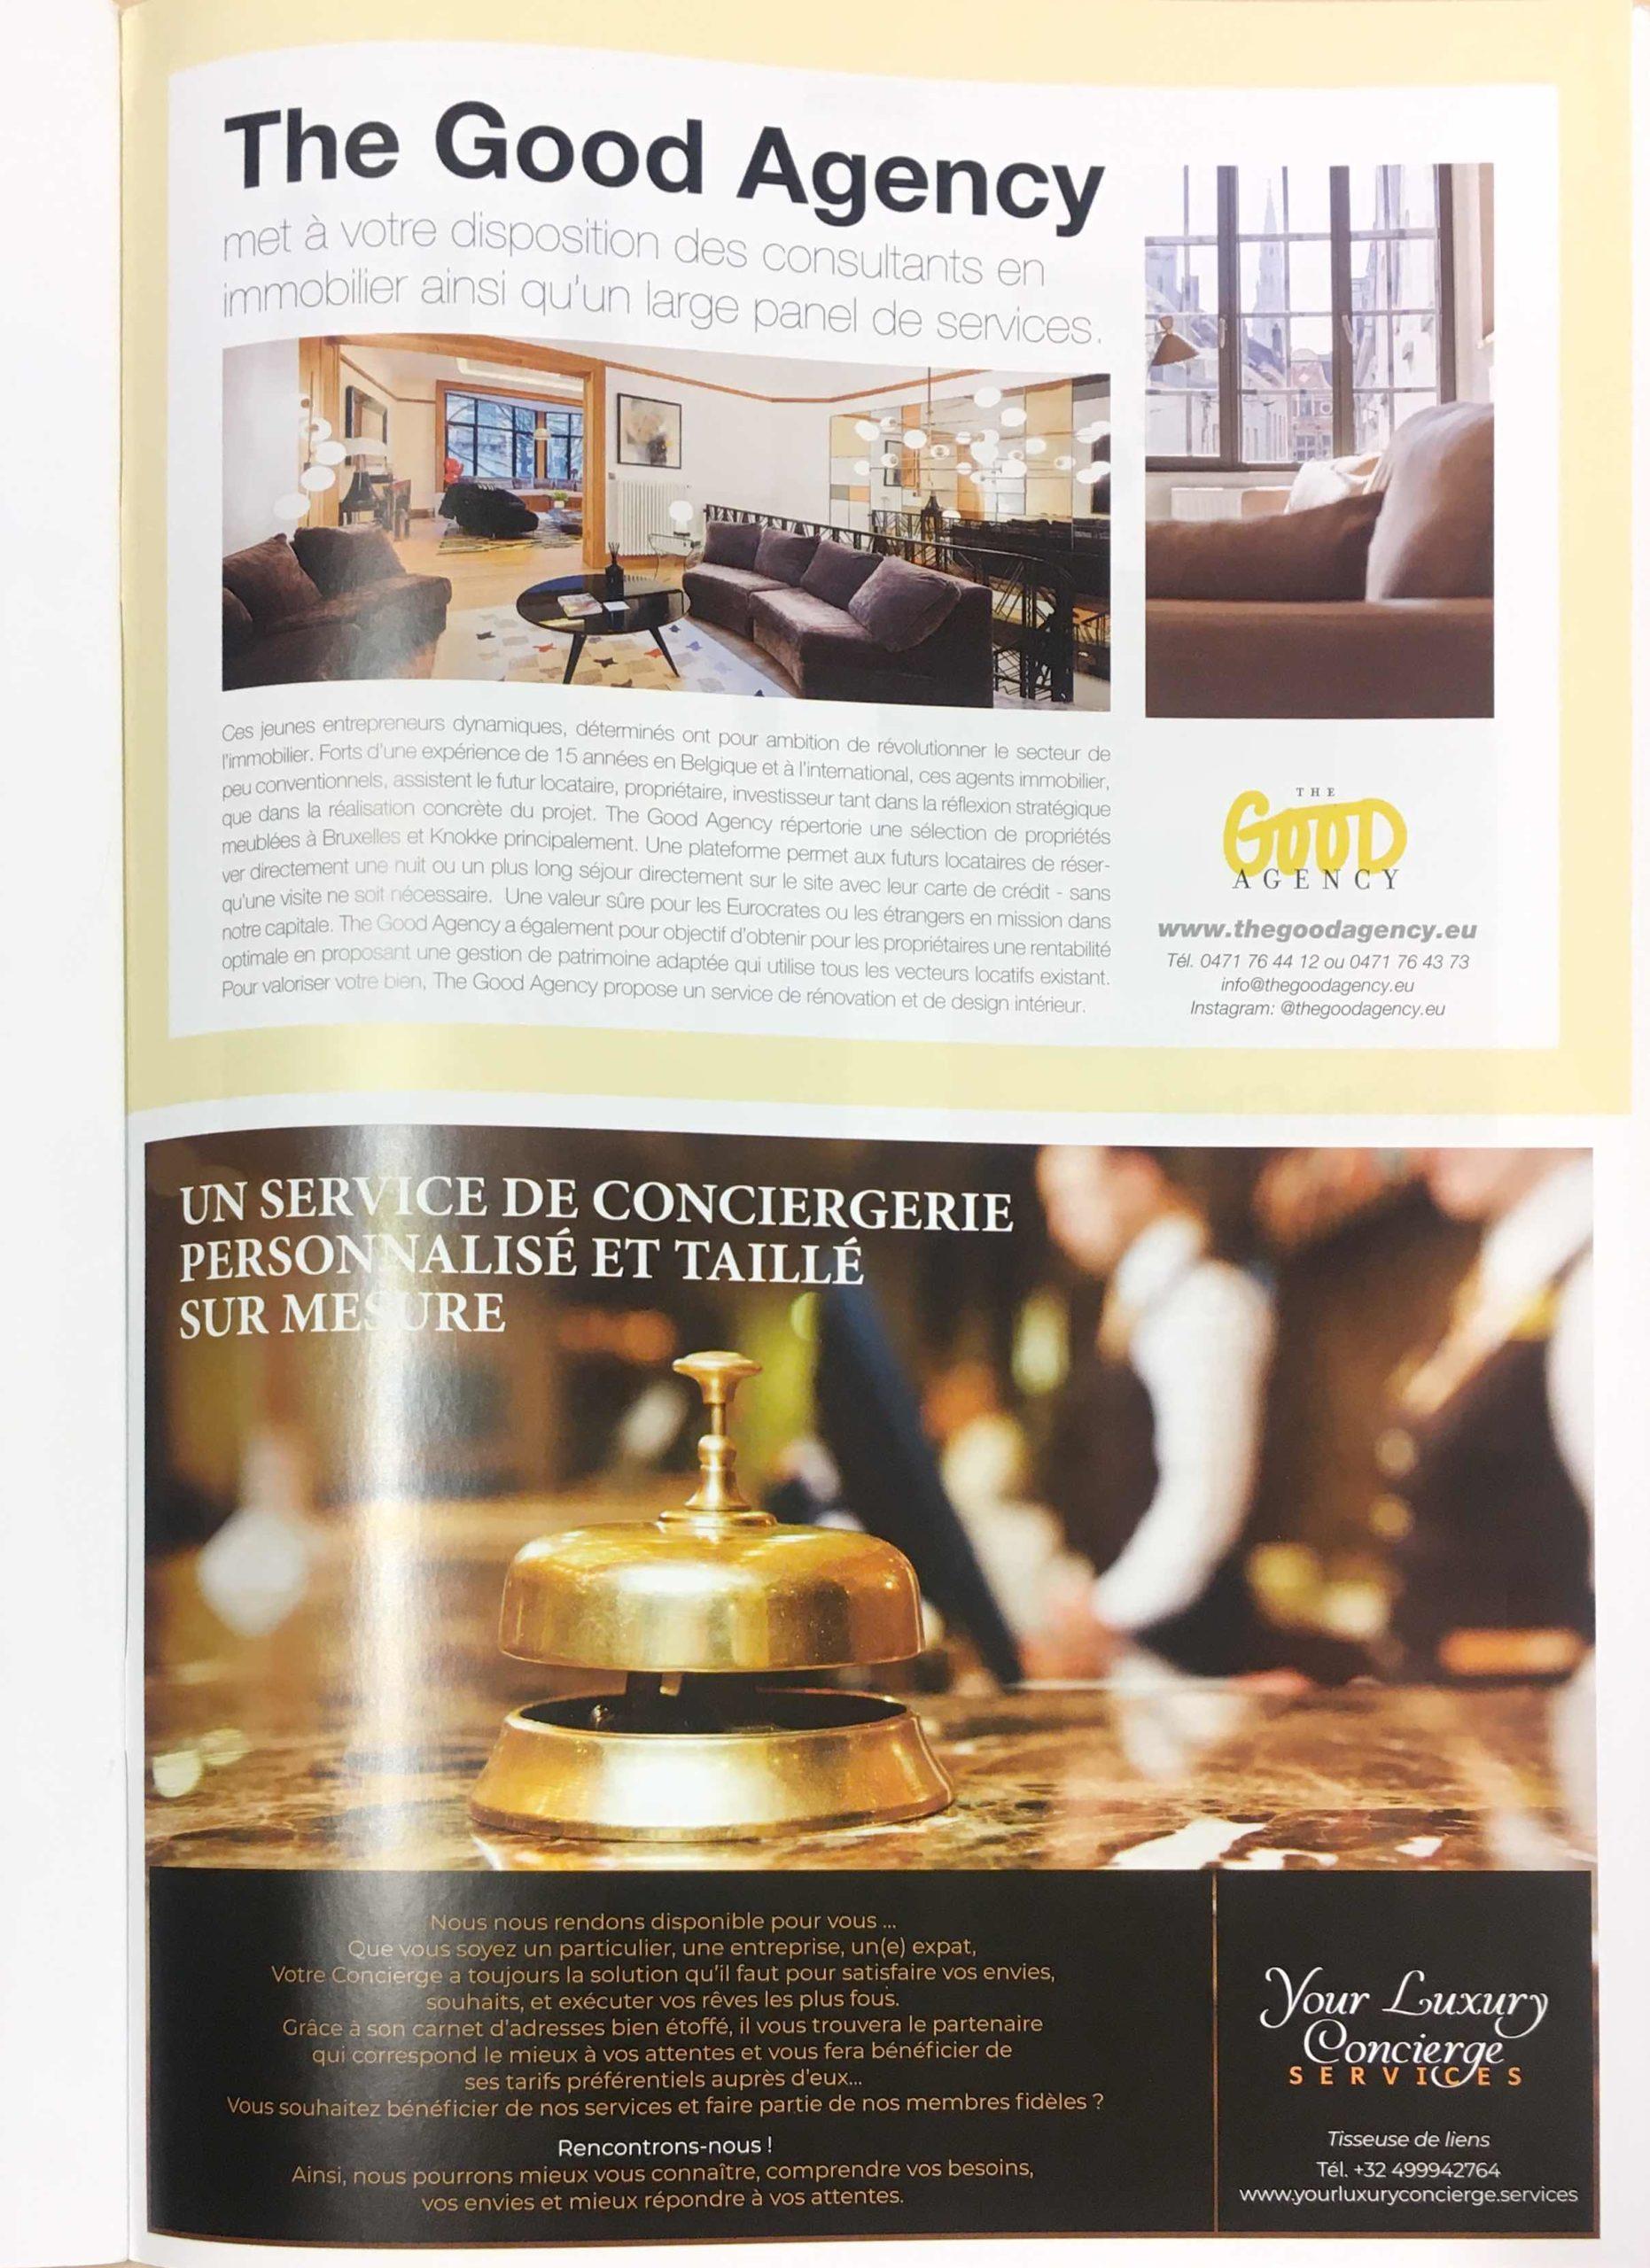 Your Luxury Concierge Services – Conciergerie de Luxe – Devenez membre et profitez de nos services en toute tranquillité – Votre concierge vous aide dans toutes vos démarches.